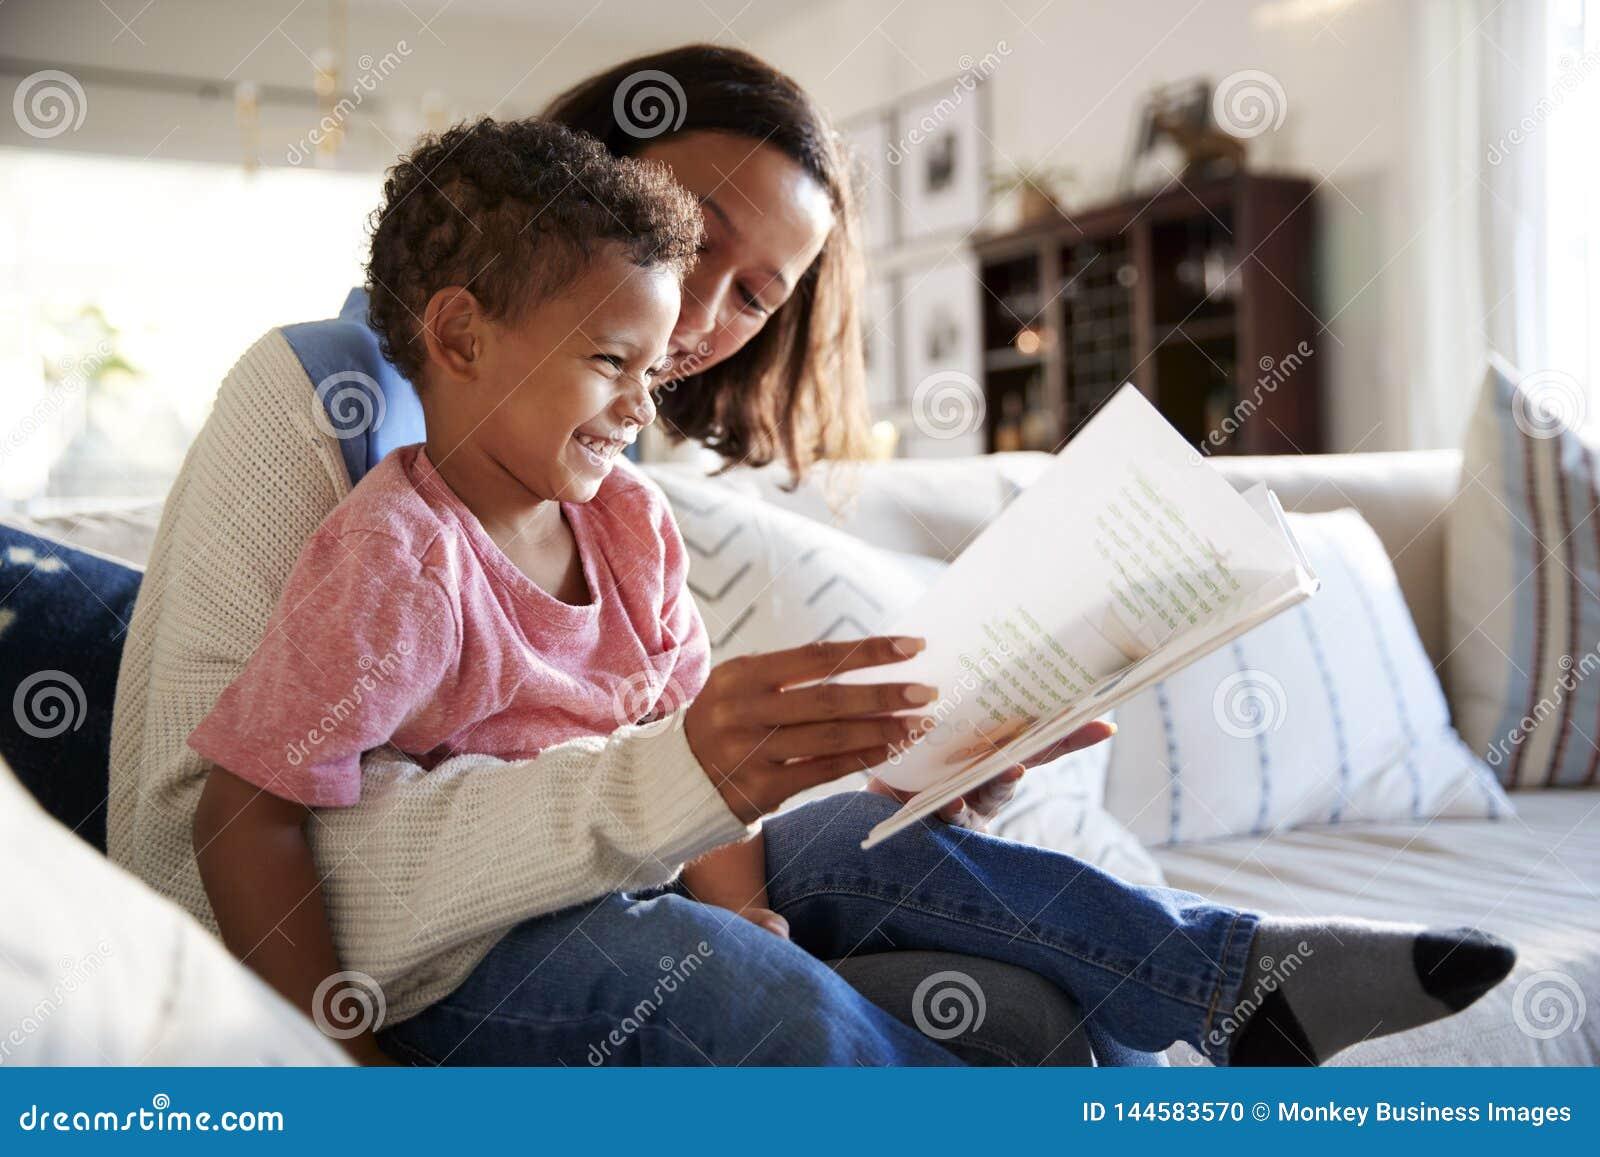 Закройте вверх молодой матери сидя на софе в живущей комнате читая книгу с ее сыном малыша, который сидит на ее колене, sid